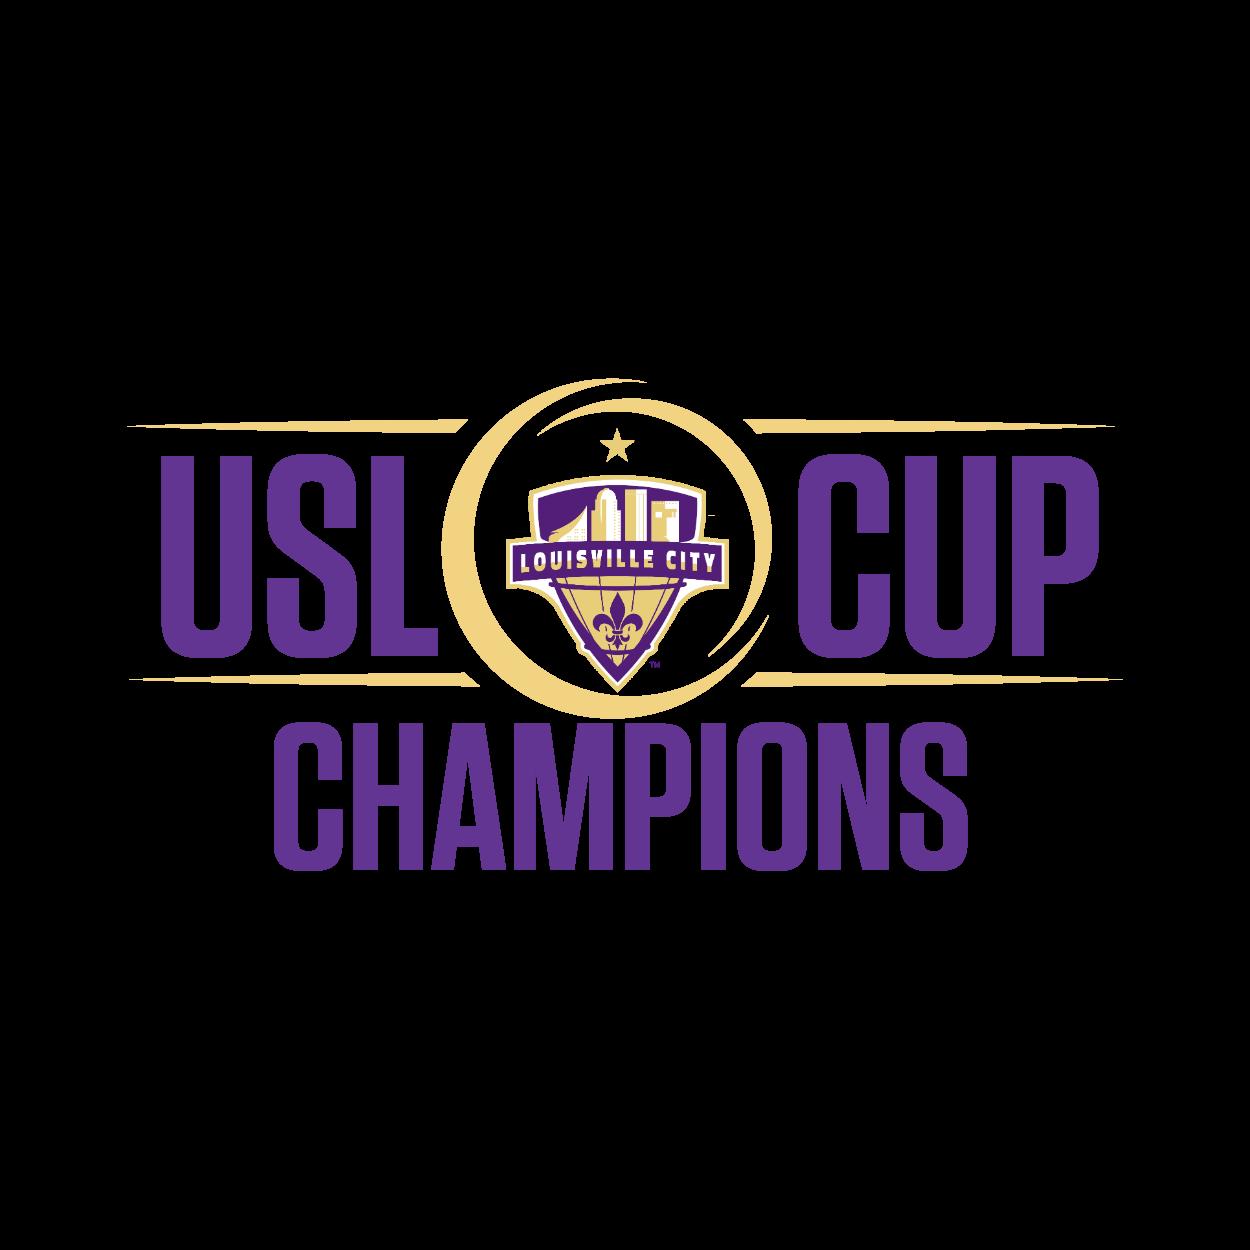 USL Cup Champion